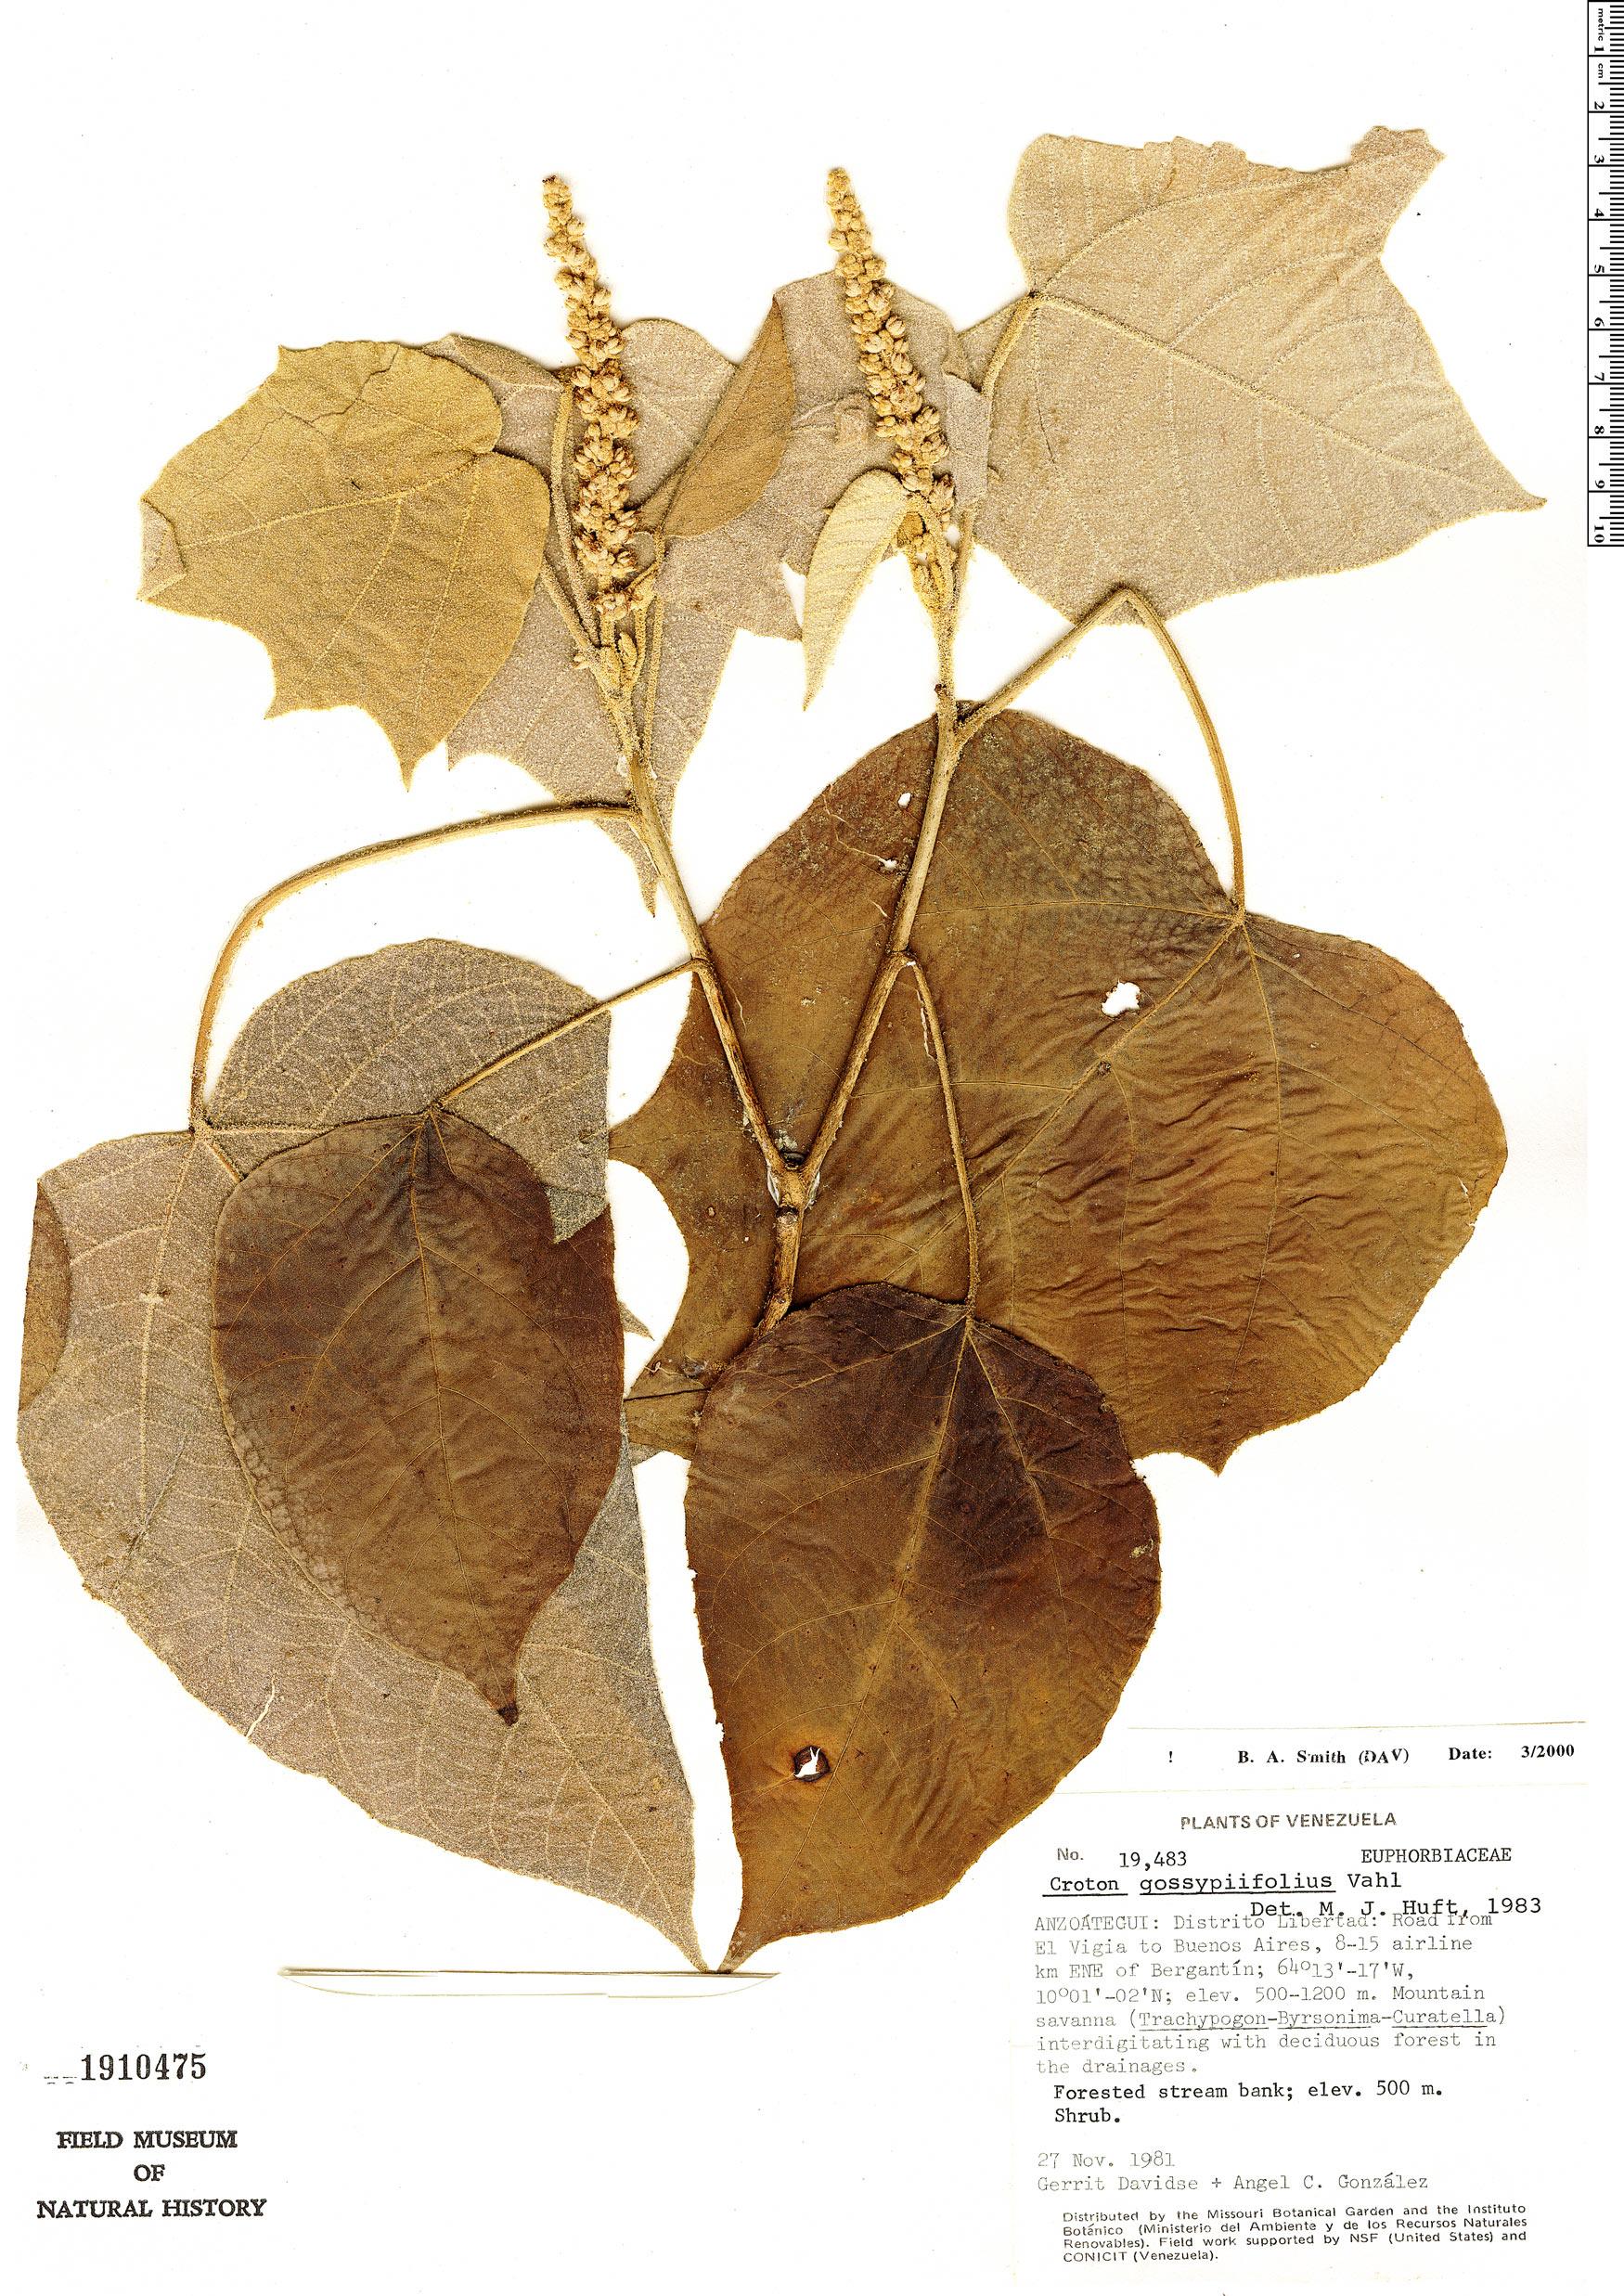 Specimen: Croton gossypiifolius